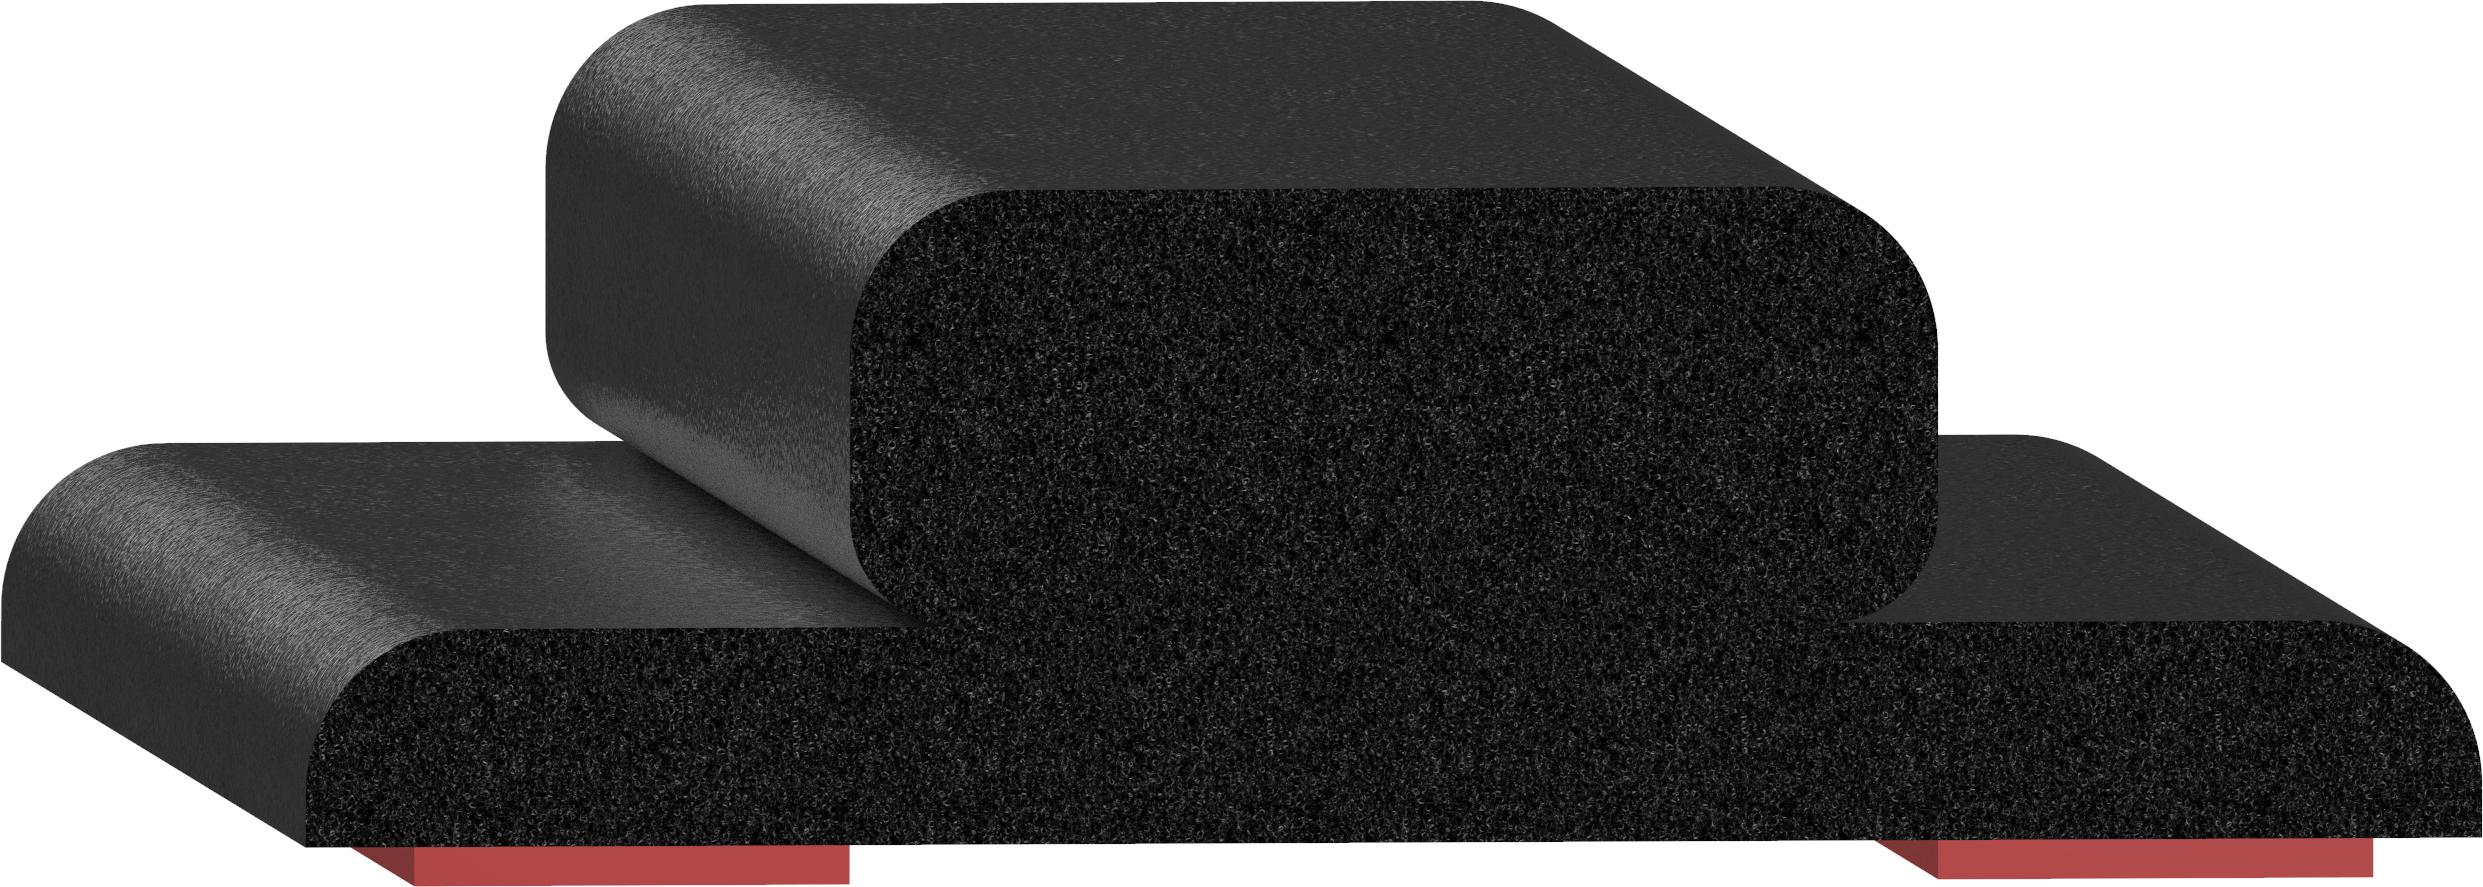 Uni-Grip part: TS-032